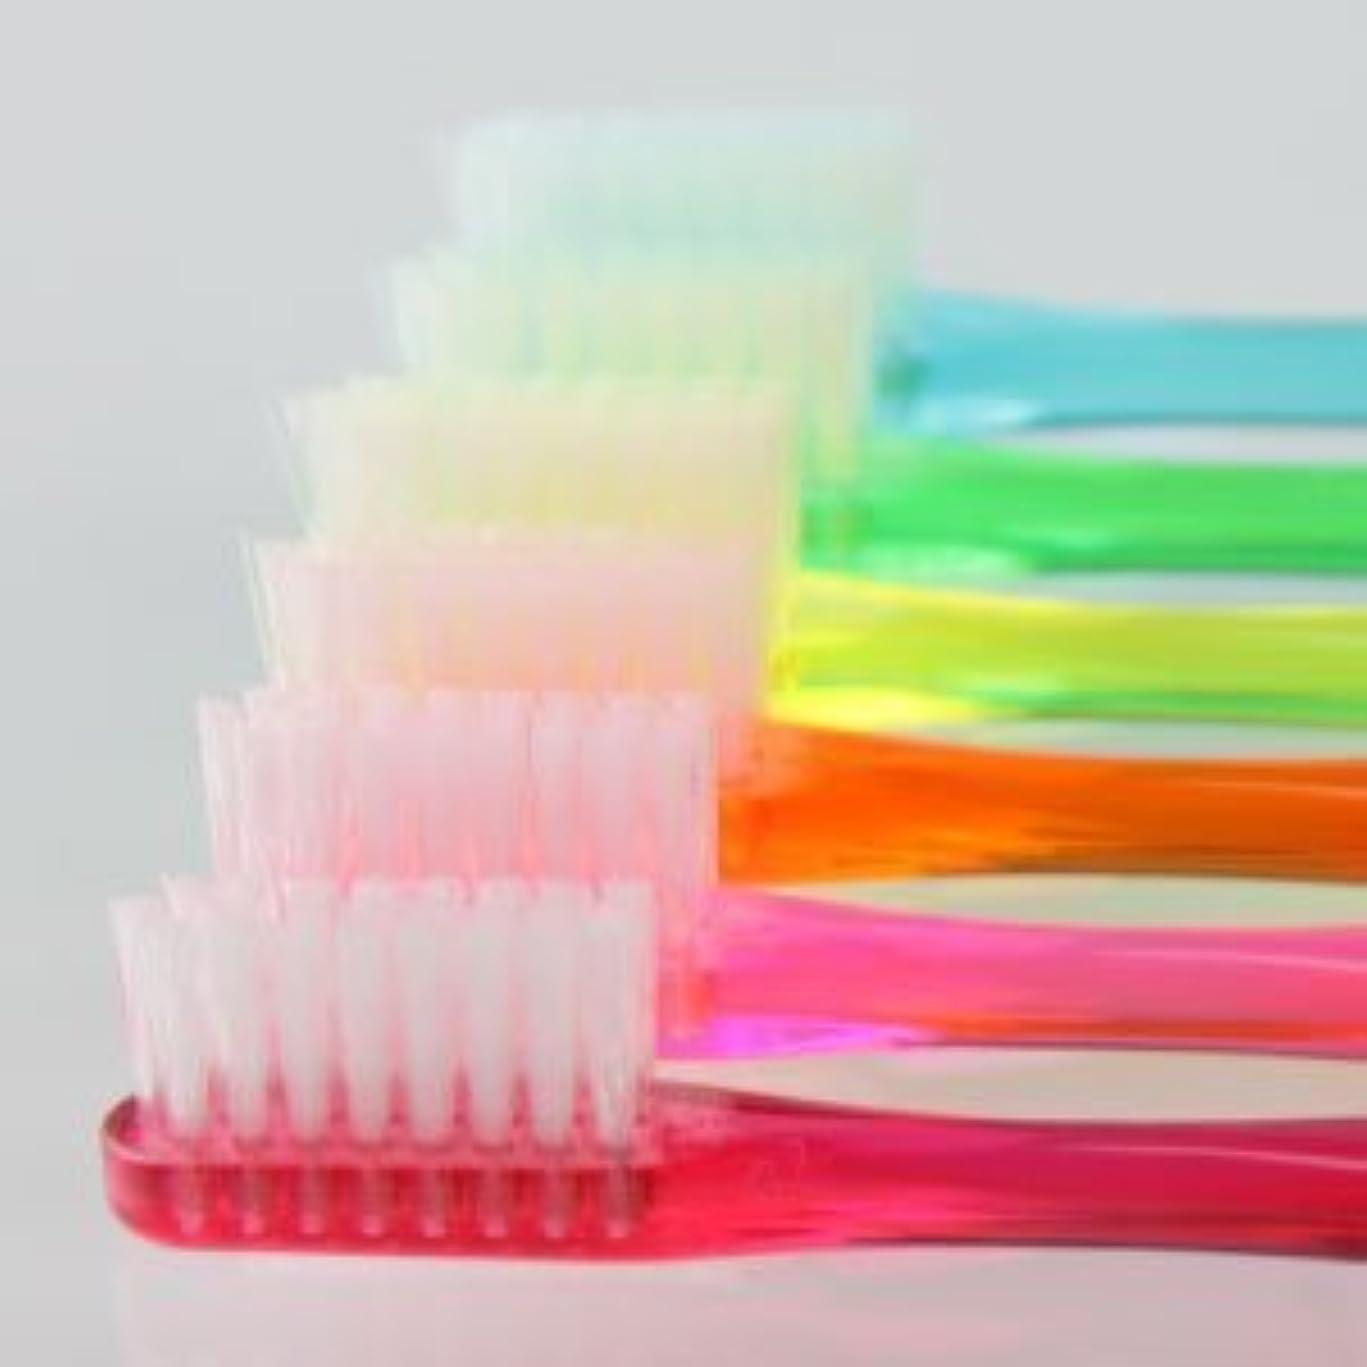 探す規則性司書サムフレンド 歯ブラシ #21(ミディアム) 6本 ※お色は当店お任せです